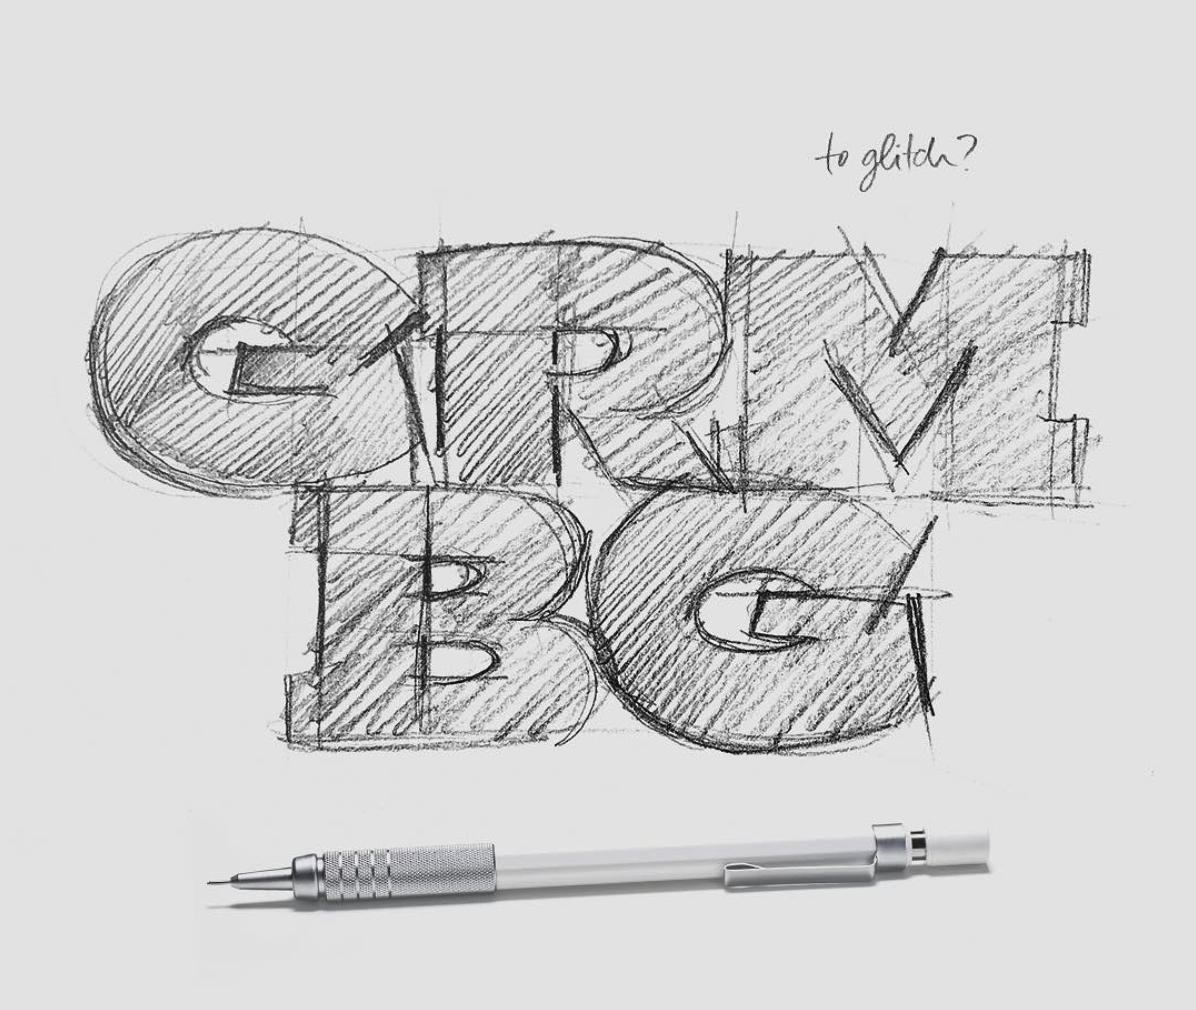 GrimeBG